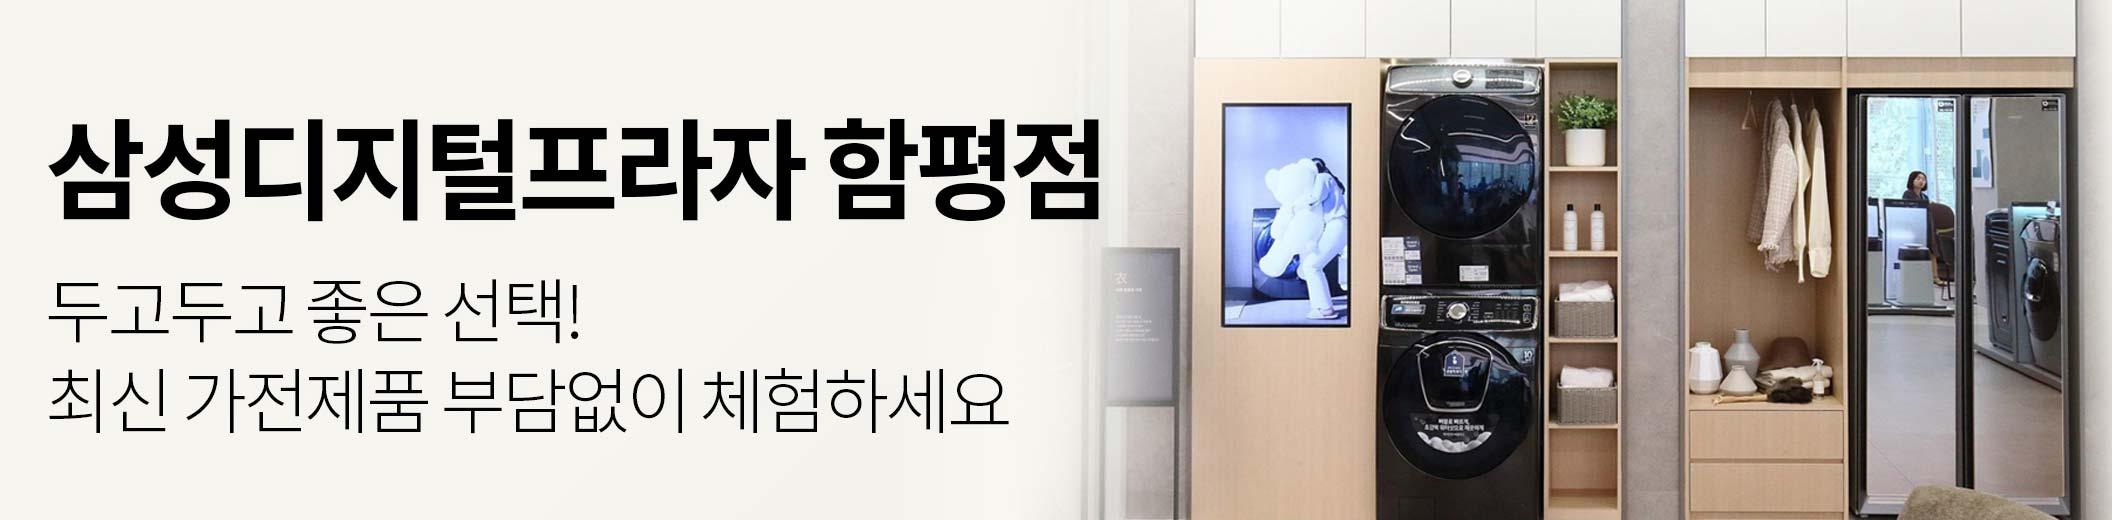 삼성디지털프라자함평점